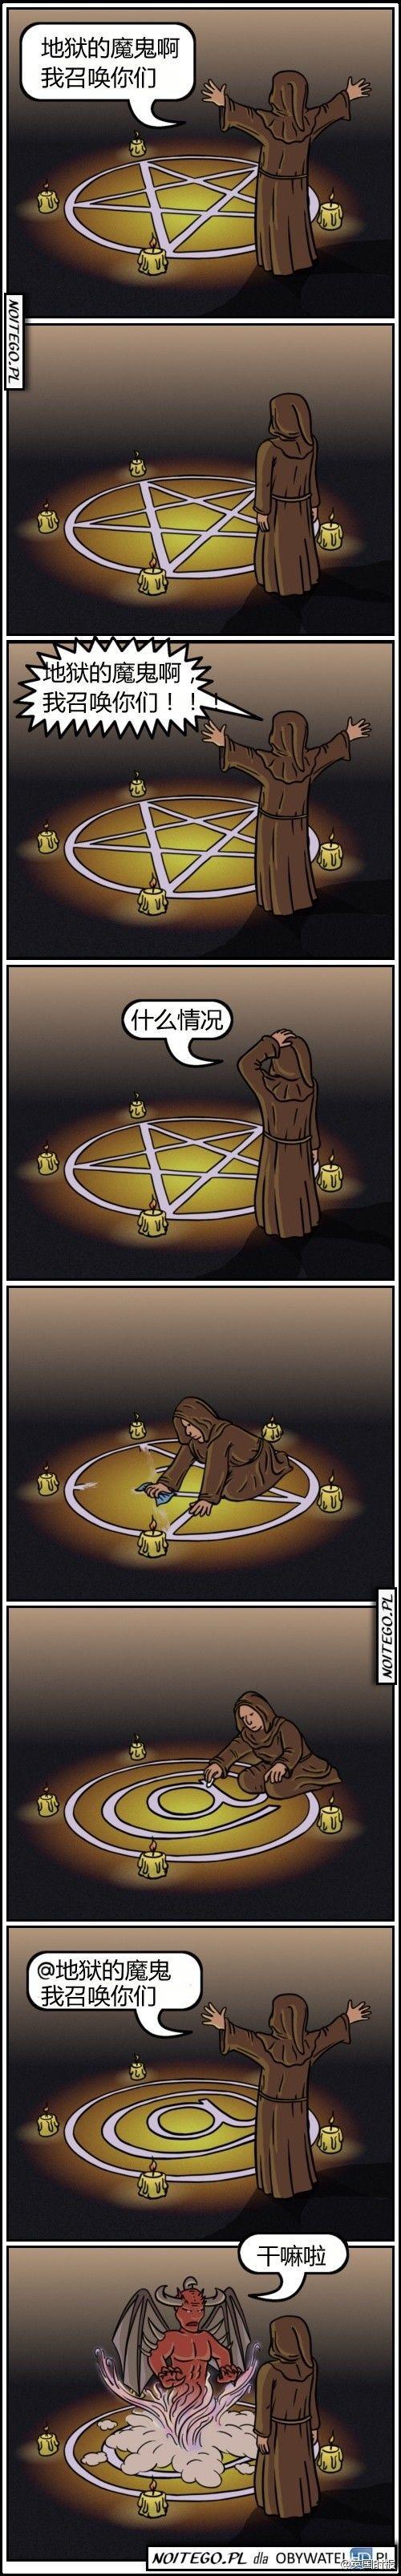 正确召唤恶魔的方法